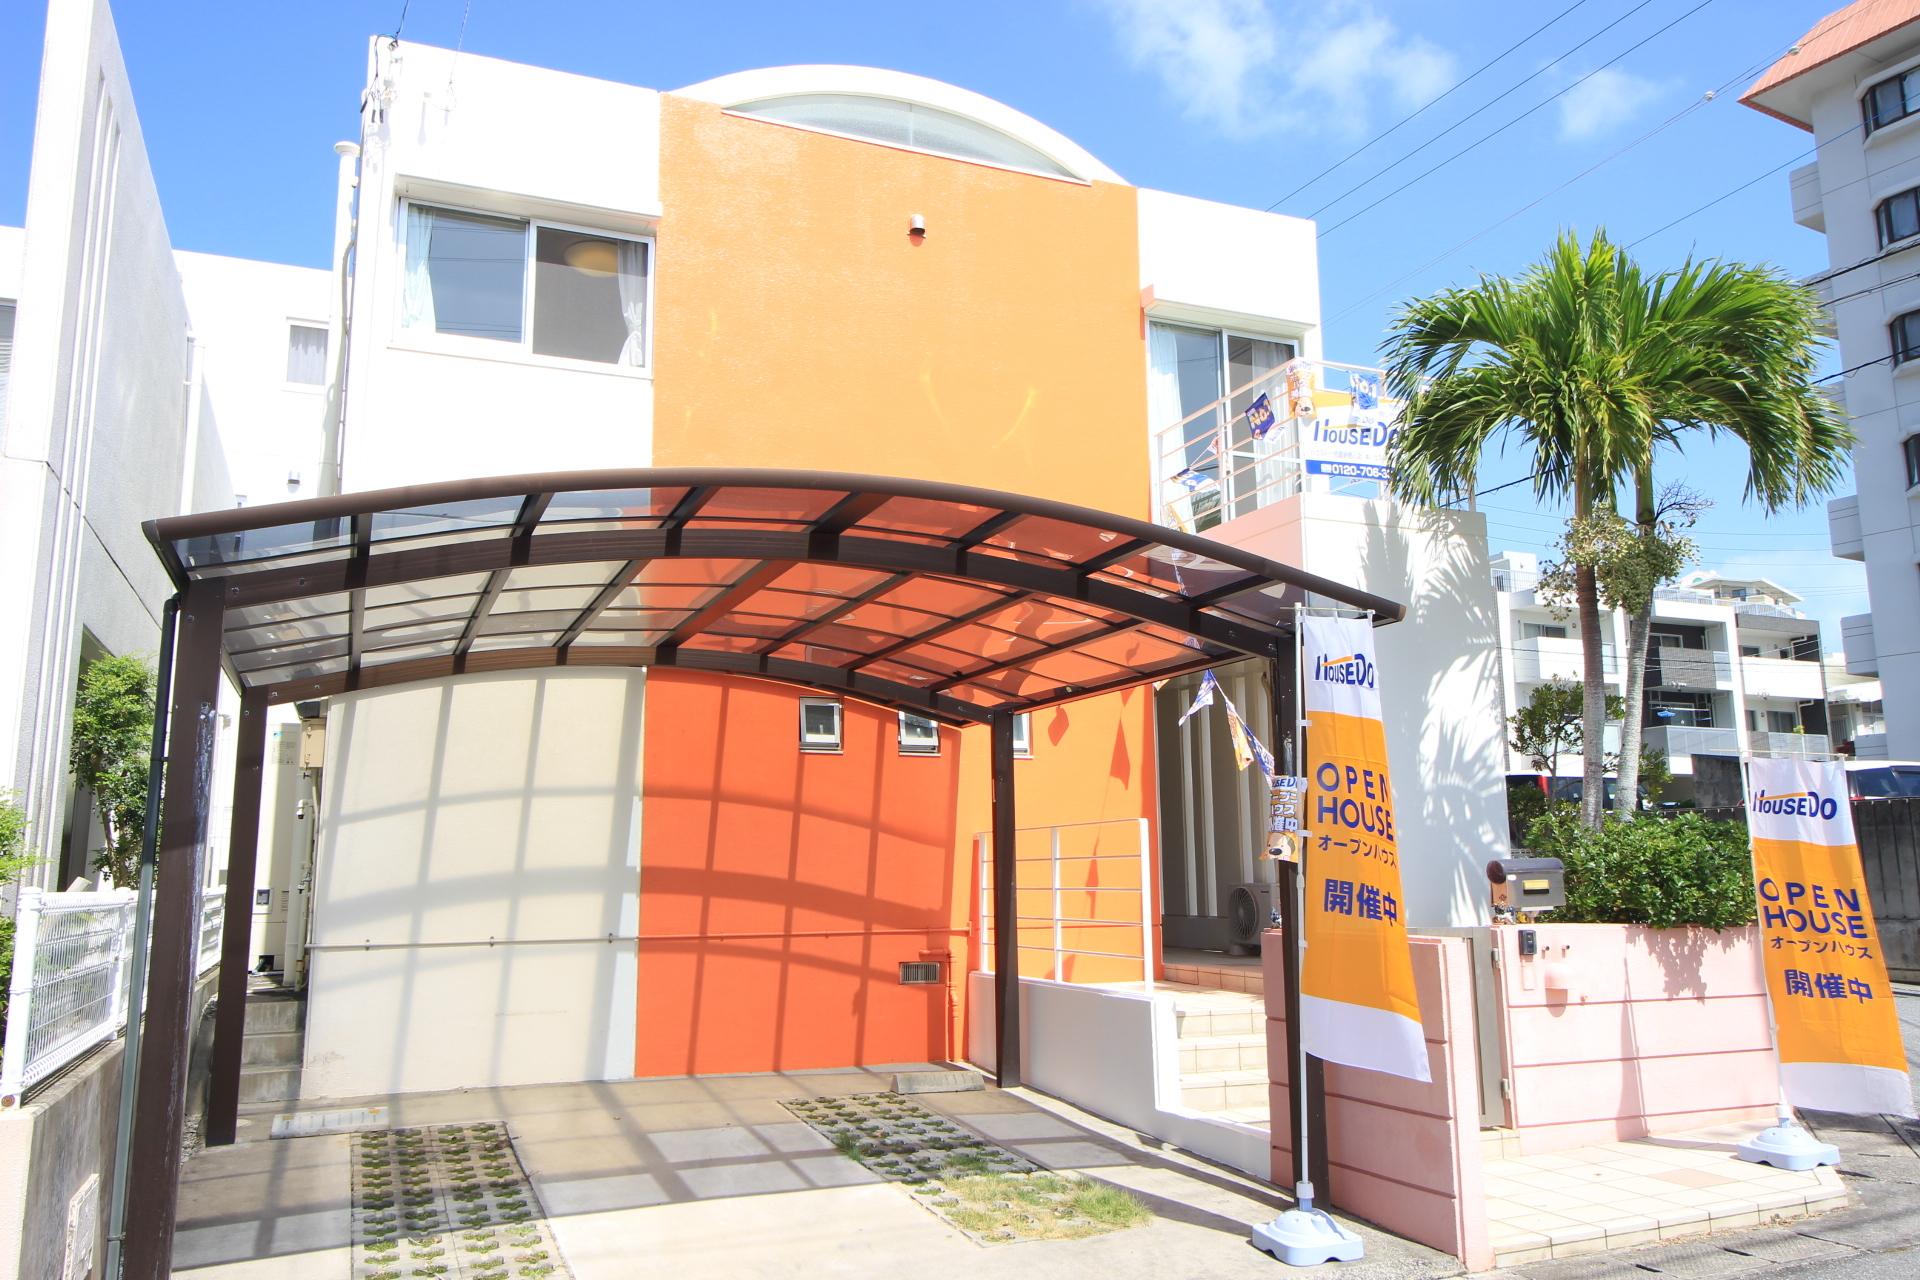 【外観写真】 即内覧可能!2階建てリビングに直結の芝庭付!和室有の4LDK!駐車場と東側道路直結の入口が2か所有!